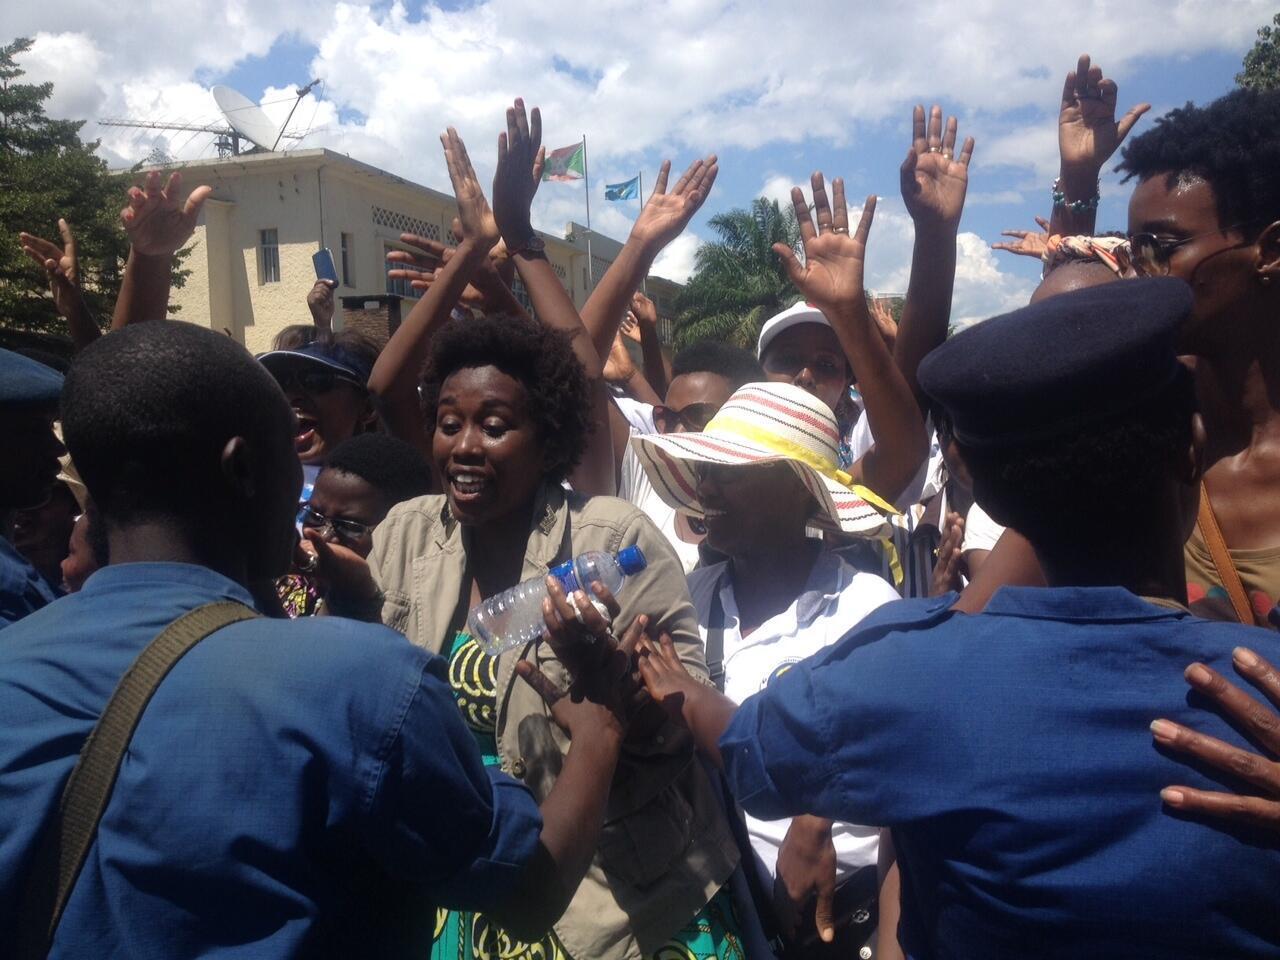 Pour la première foi depuis le début des troubles au Burundi, environ deux cents femmes ont réussi à manifester dans le centre-ville de Bujumbura pour «la paix, l'unité et la démocratie», ce dimanche 10 mai 2015.